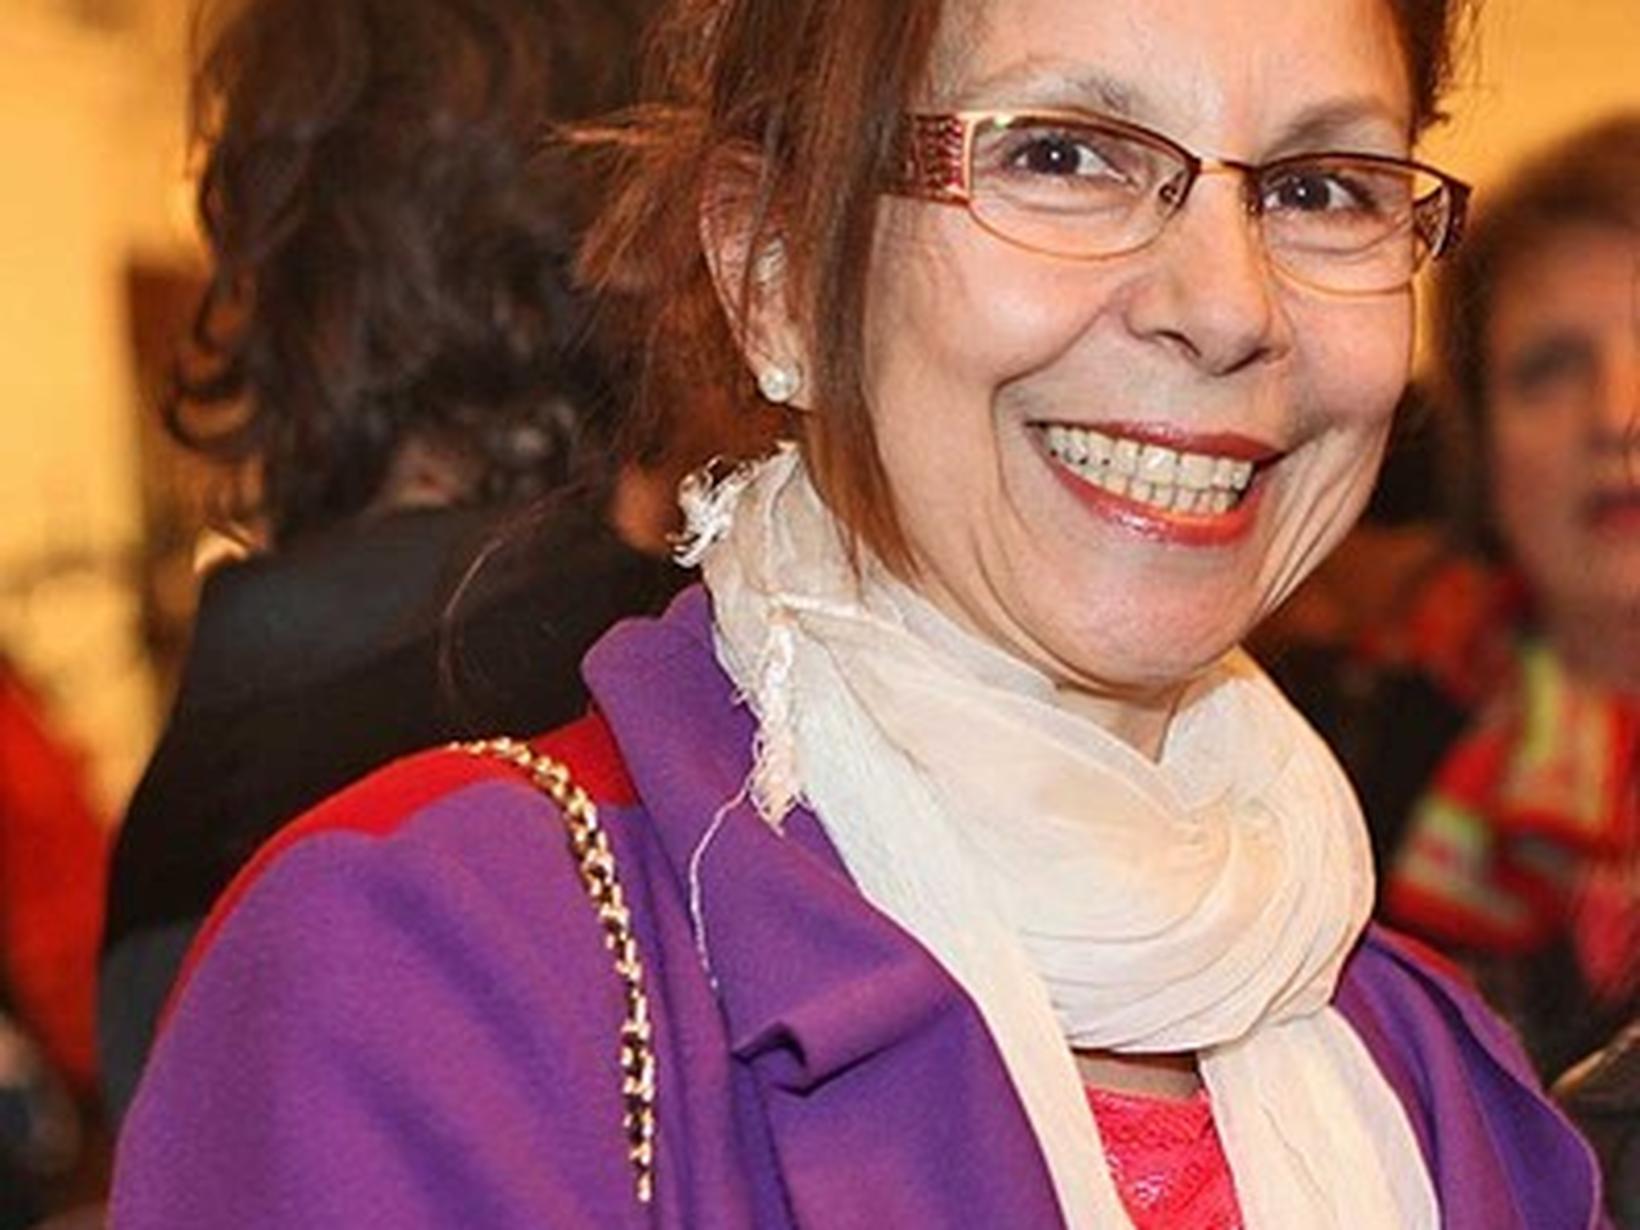 Elisabeth from Vienna, Austria